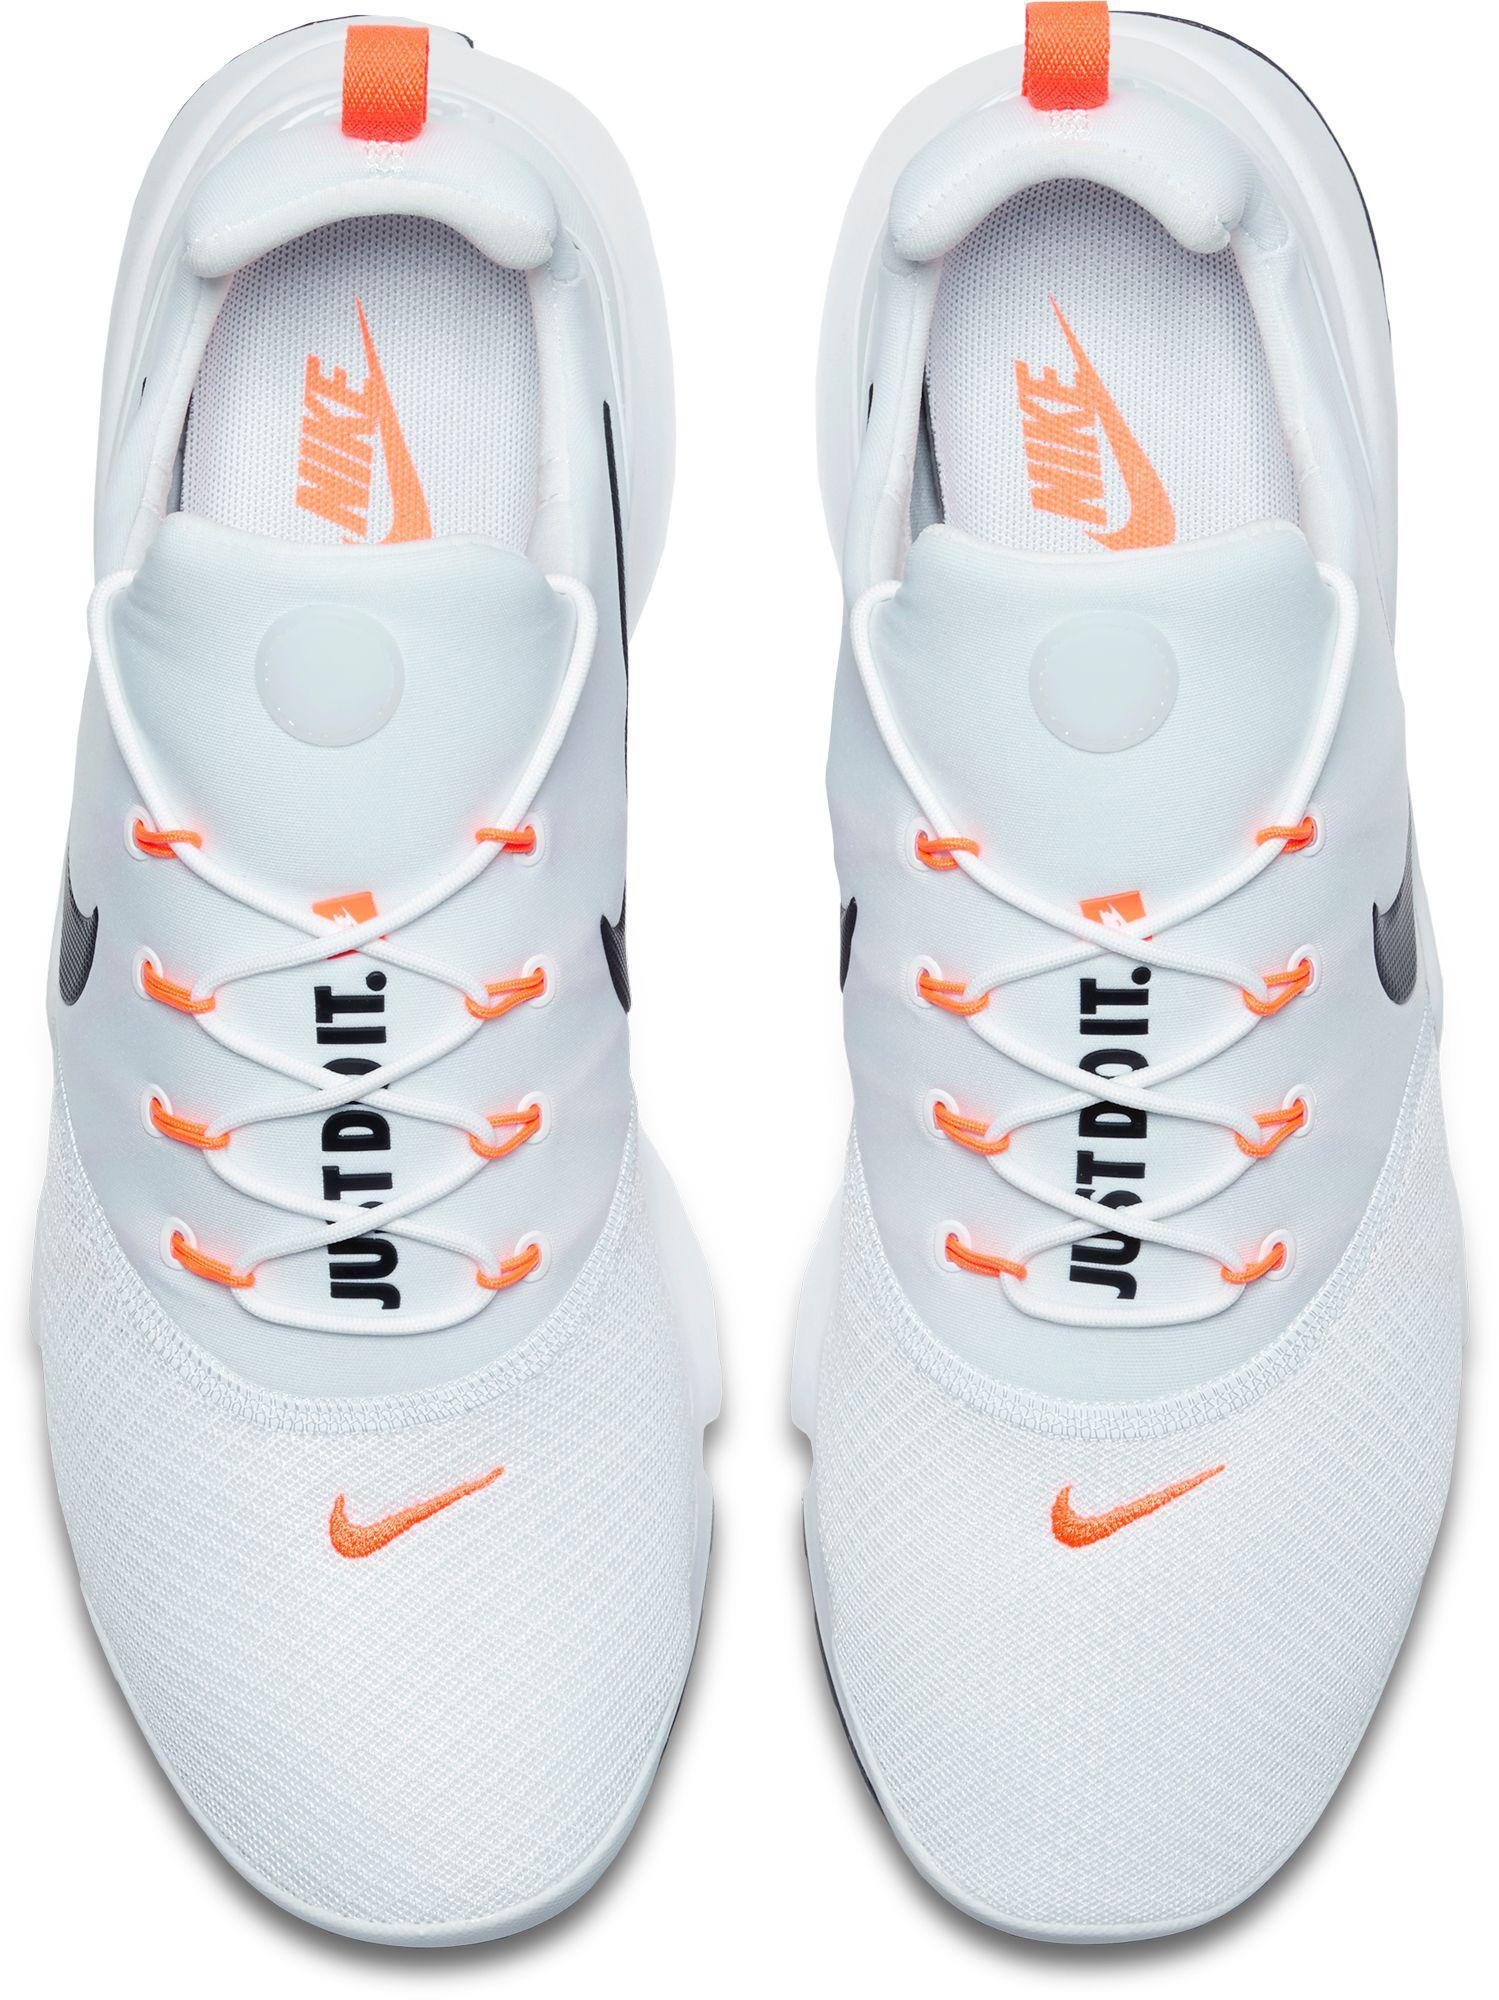 Precioso me quejo Aprendizaje  Nike Presto Fly Jdi Competition Running Shoes in White/Black (White) for  Men - Lyst